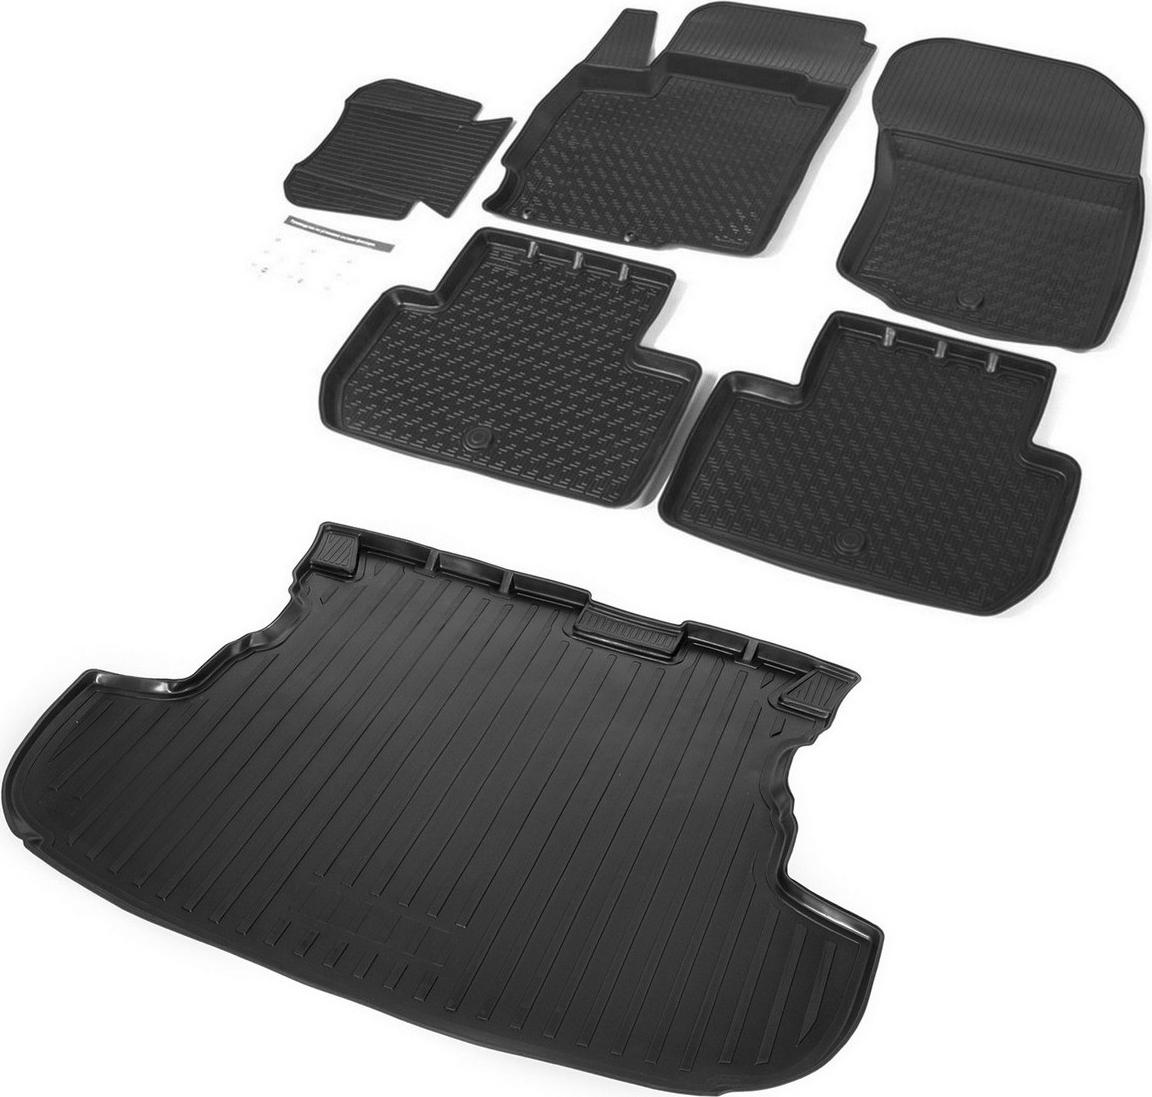 Комплект ковриков салона и багажника Rival для Mitsubishi Outlander (без органайзера) 2012-н.в., полиуретан. K14002002-4K14002002-4Прочные и долговечные коврики Rival изготовлены из высококачественного и экологичного сырья, из первичных материалов, в результате чего отсутствует неприятный запах в салоне автомобиля. Обладают высокой эластичностью, их можно беспрепятственно эксплуатировать при температуре от -45°C до +45°C.Особенности ковриков салона:- Коврики полностью повторяют геометрию салона вашего автомобиля.- Надежная система крепления, позволяющая закрепить коврик на штатные элементы фиксации, в результате чего отсутствует эффект скольжения по салону автомобиля.- Высокая стойкость поверхности к стиранию.- Специализированный рисунок и высокий борт, препятствующие распространению грязи и жидкости по поверхности коврика.- Перемычка задних ковриков в комплекте предотвращает загрязнение тоннеля карданного вала.Особенности коврика багажника:- Коврик багажника позволяет надежно защитить и сохранить от грязи багажный отсек вашего автомобиля на протяжении всего срока эксплуатации, полностью повторяют геометрию багажника.- Высокий борт специальной конструкции препятствует попаданию разлитой жидкости и грязи на внутреннюю отделку.- Рисунок обеспечивает противоскользящую поверхность, благодаря которой перевозимые предметы не перекатываются в багажном отделении, а остаются на своих местах.- Коврик изготовлен из высококачественного и экологичного материала, не подверженного воздействию кислот, щелочей и нефтепродуктов. Состав комплекта:Коврики салона Rival для Mitsubishi Outlander 2012-н.в., с крепежом, с перемы...